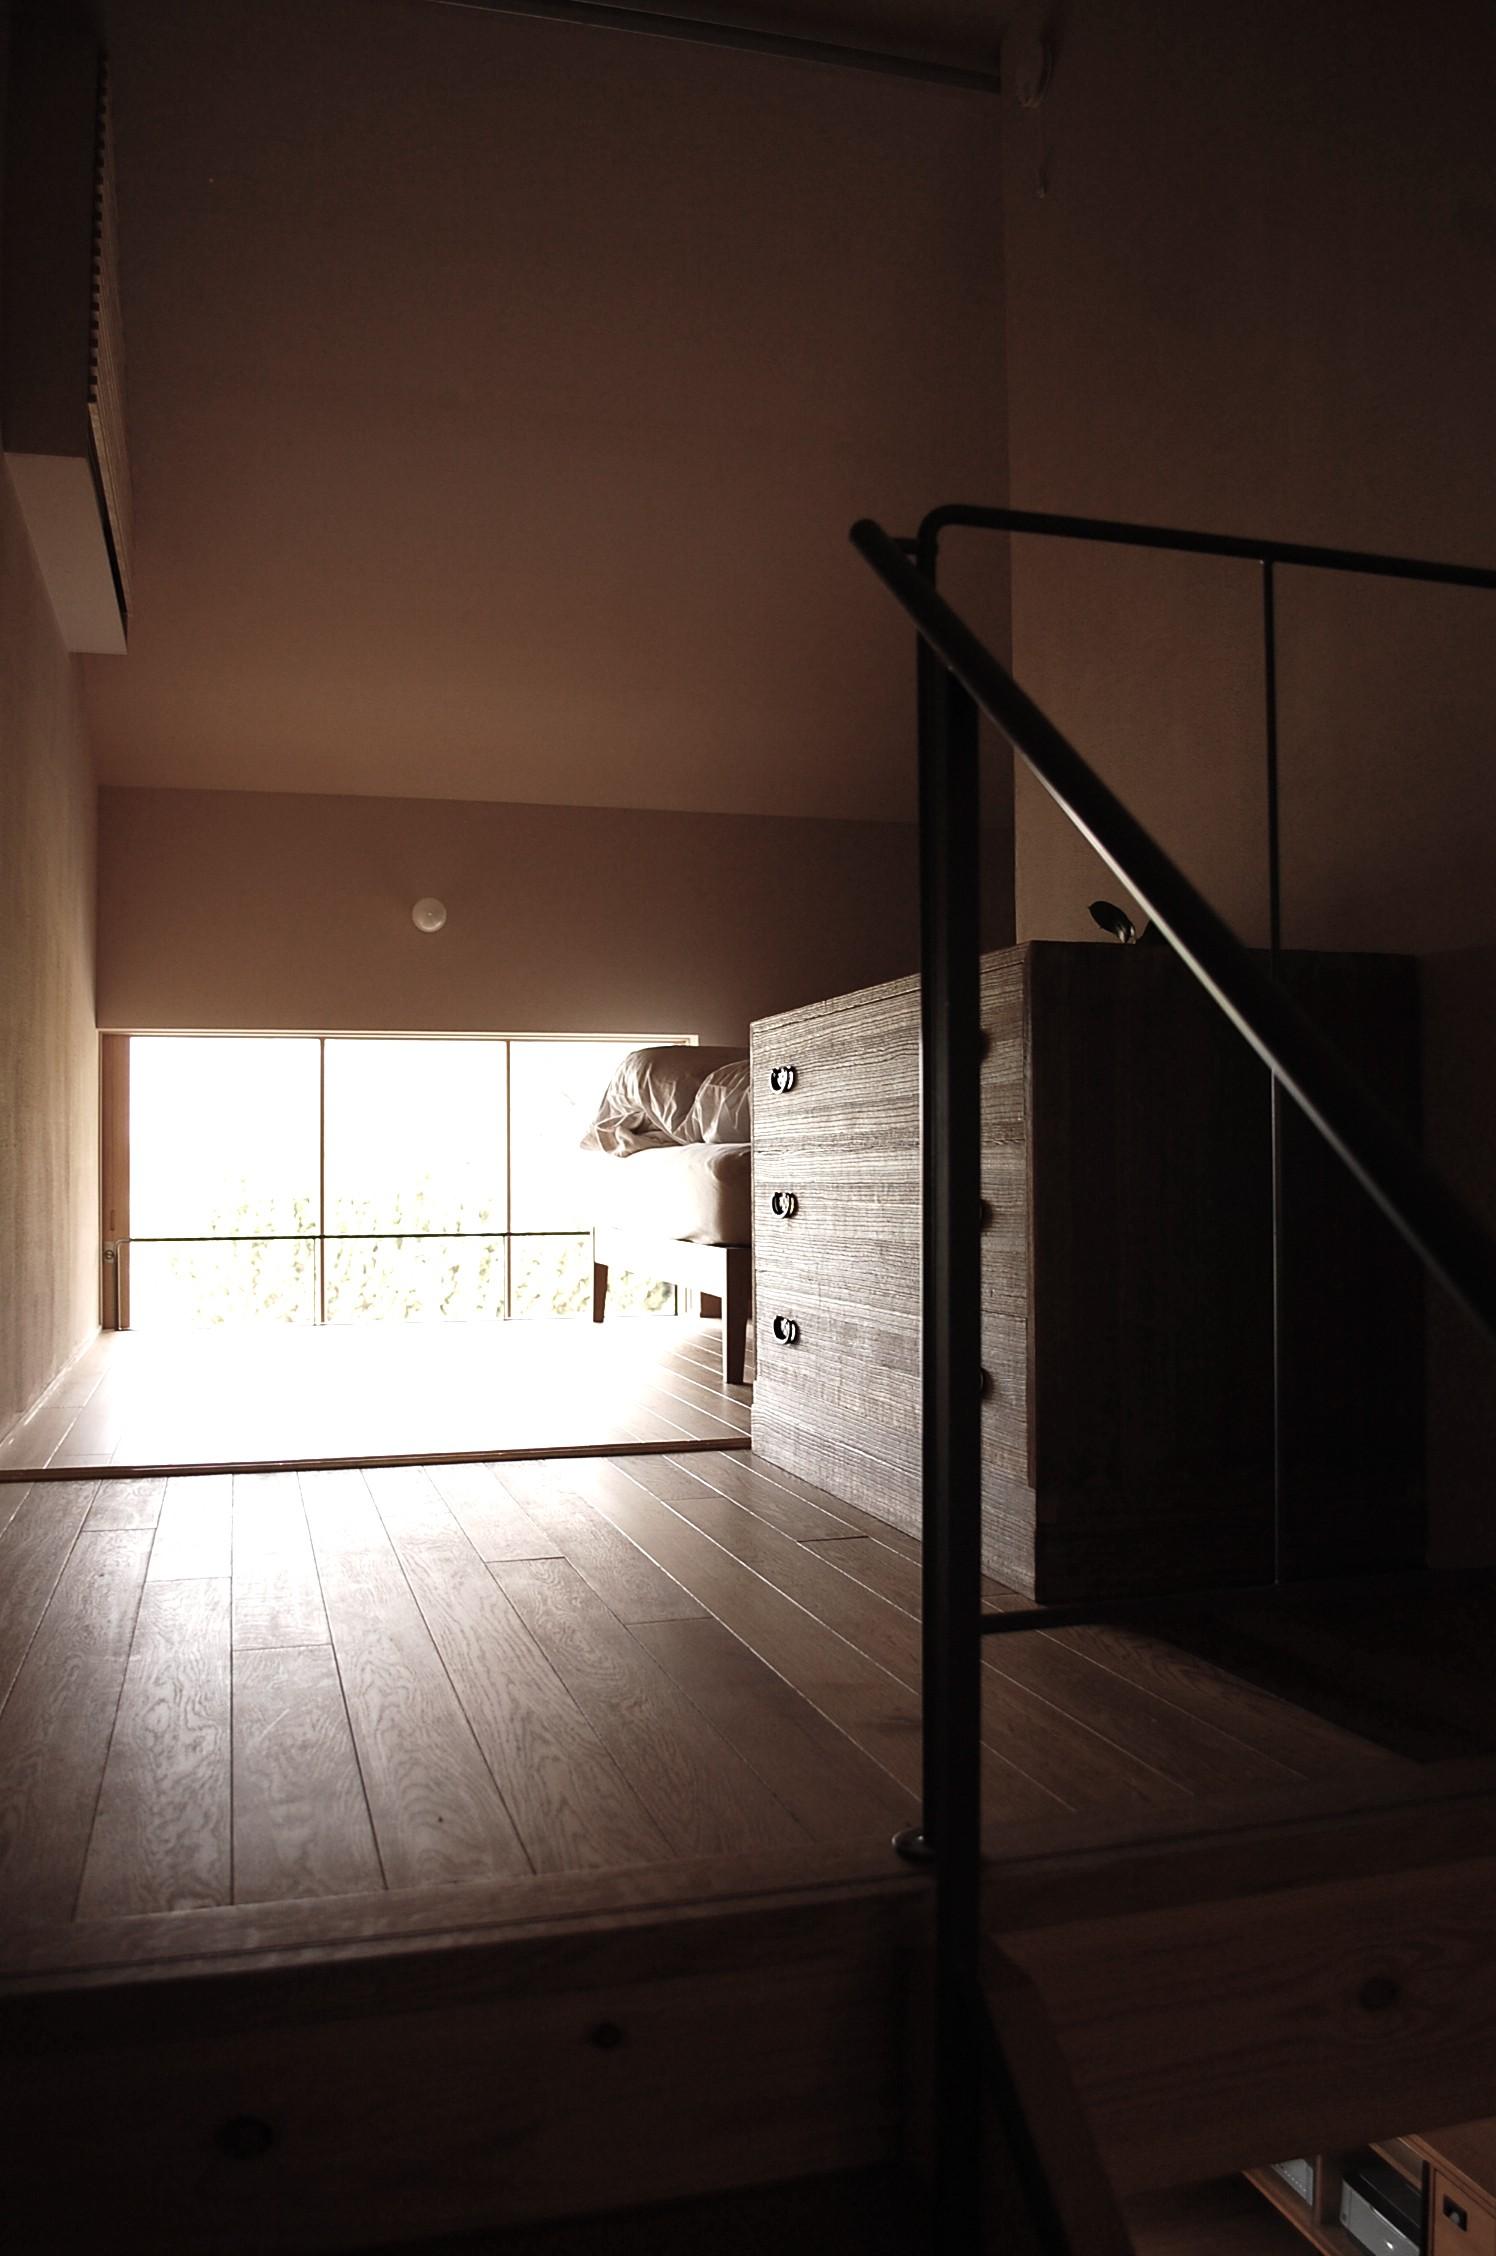 ベッドルーム事例:2.5階の寝室(加納の家)